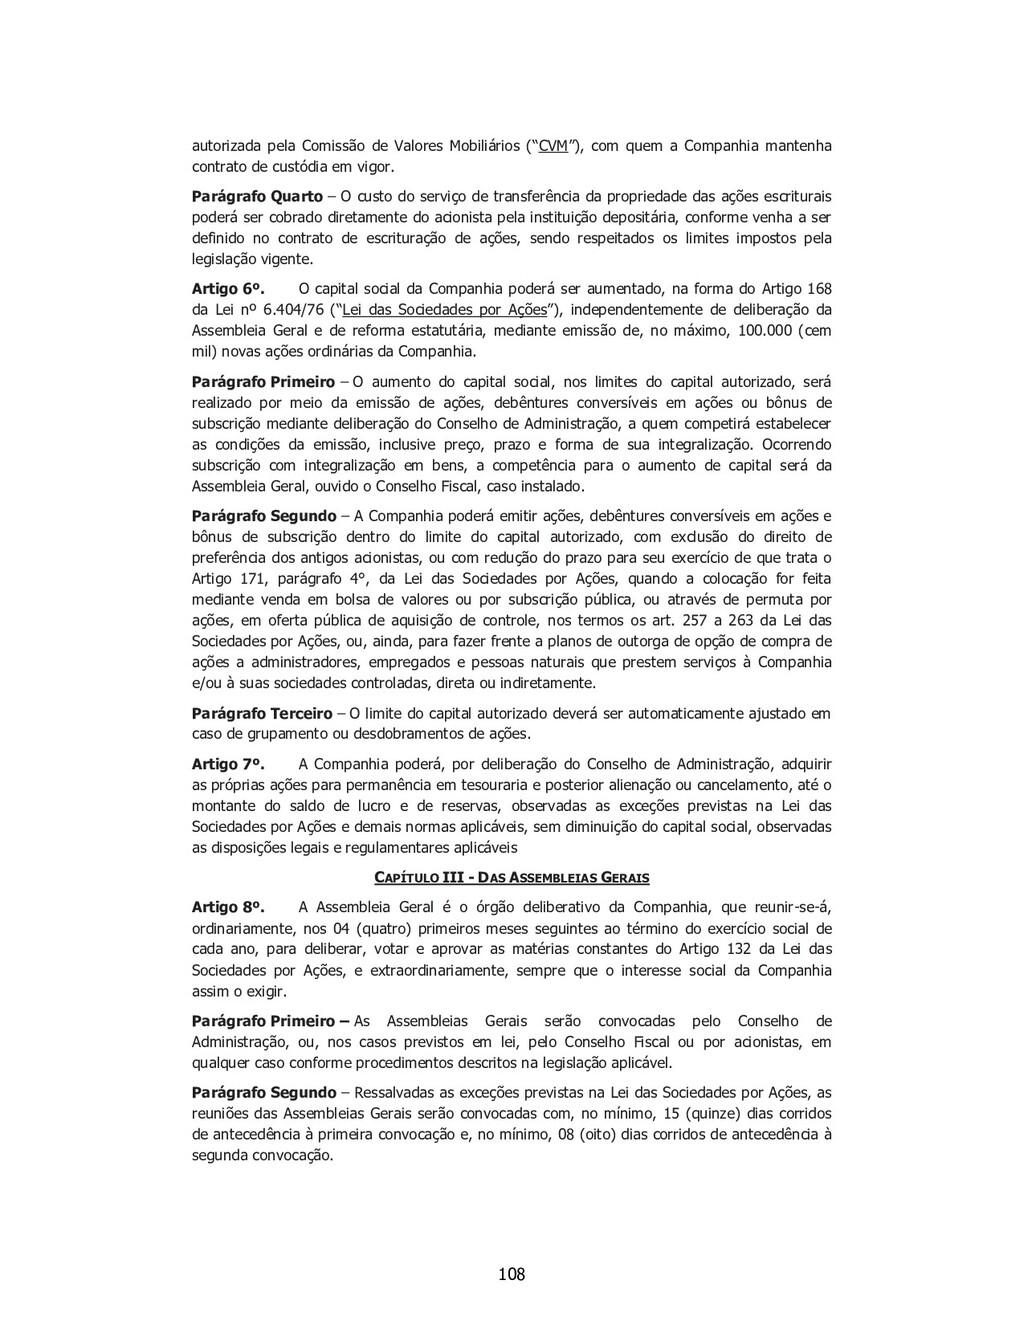 SP - 28538257v1 autorizada pela Comissão de Val...